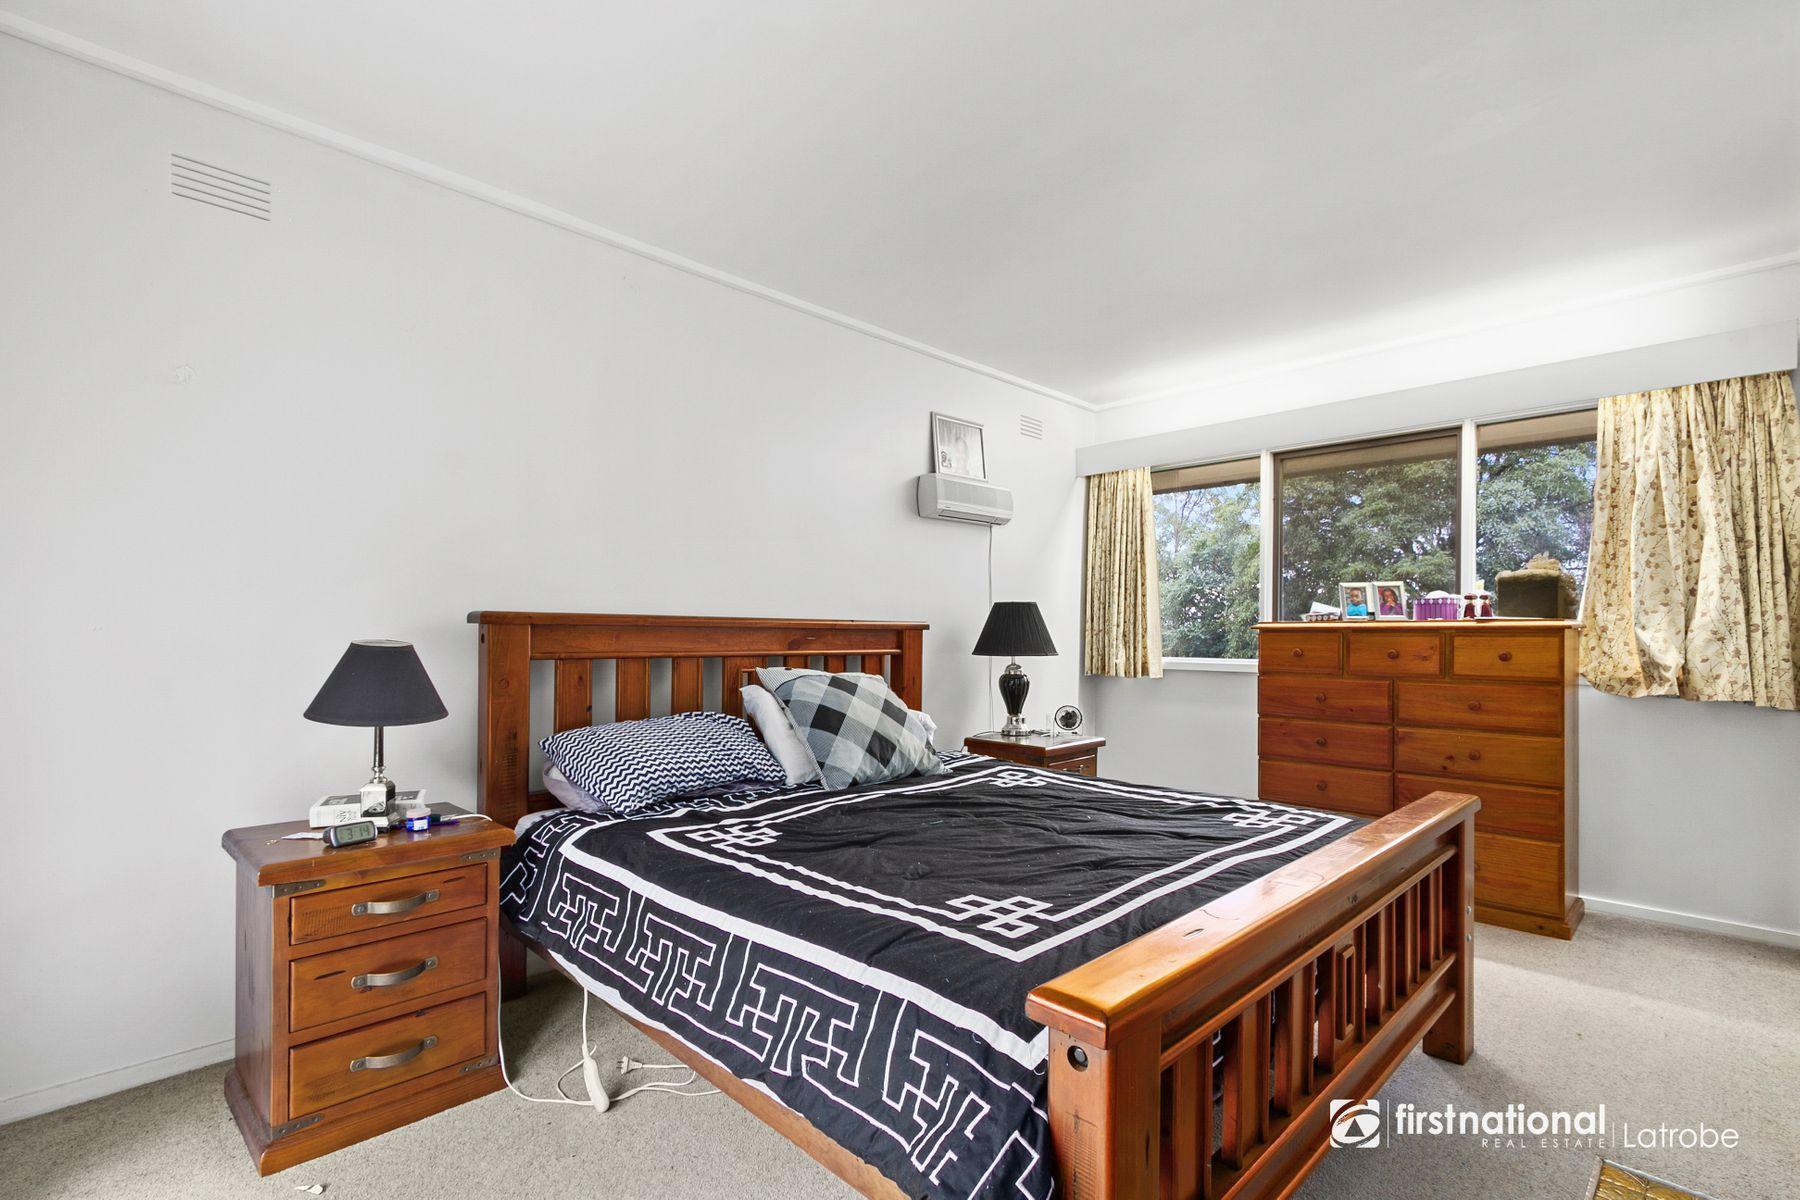 140 Jeeralang North Road, Hazelwood North, VIC 3840